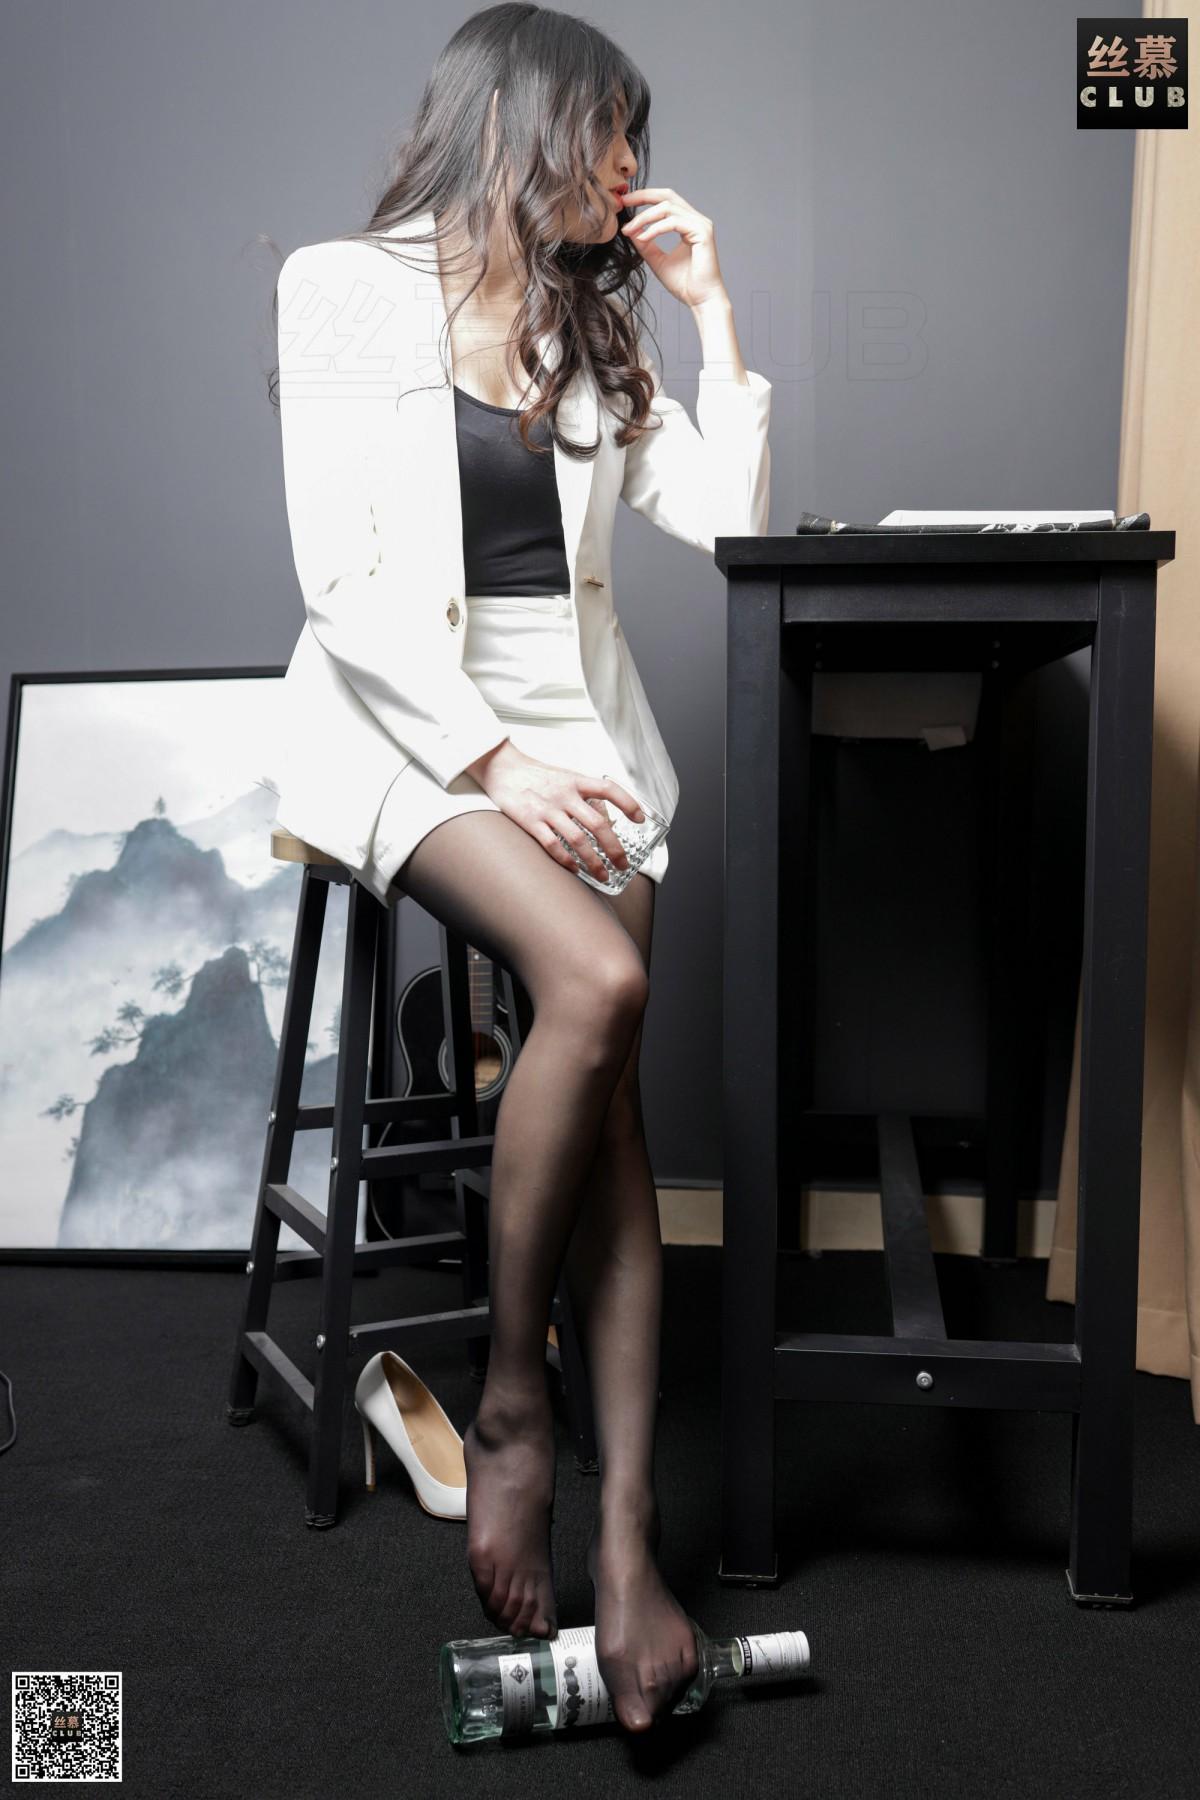 丝慕写真 花姐 - 白领的品酒体验 第1张